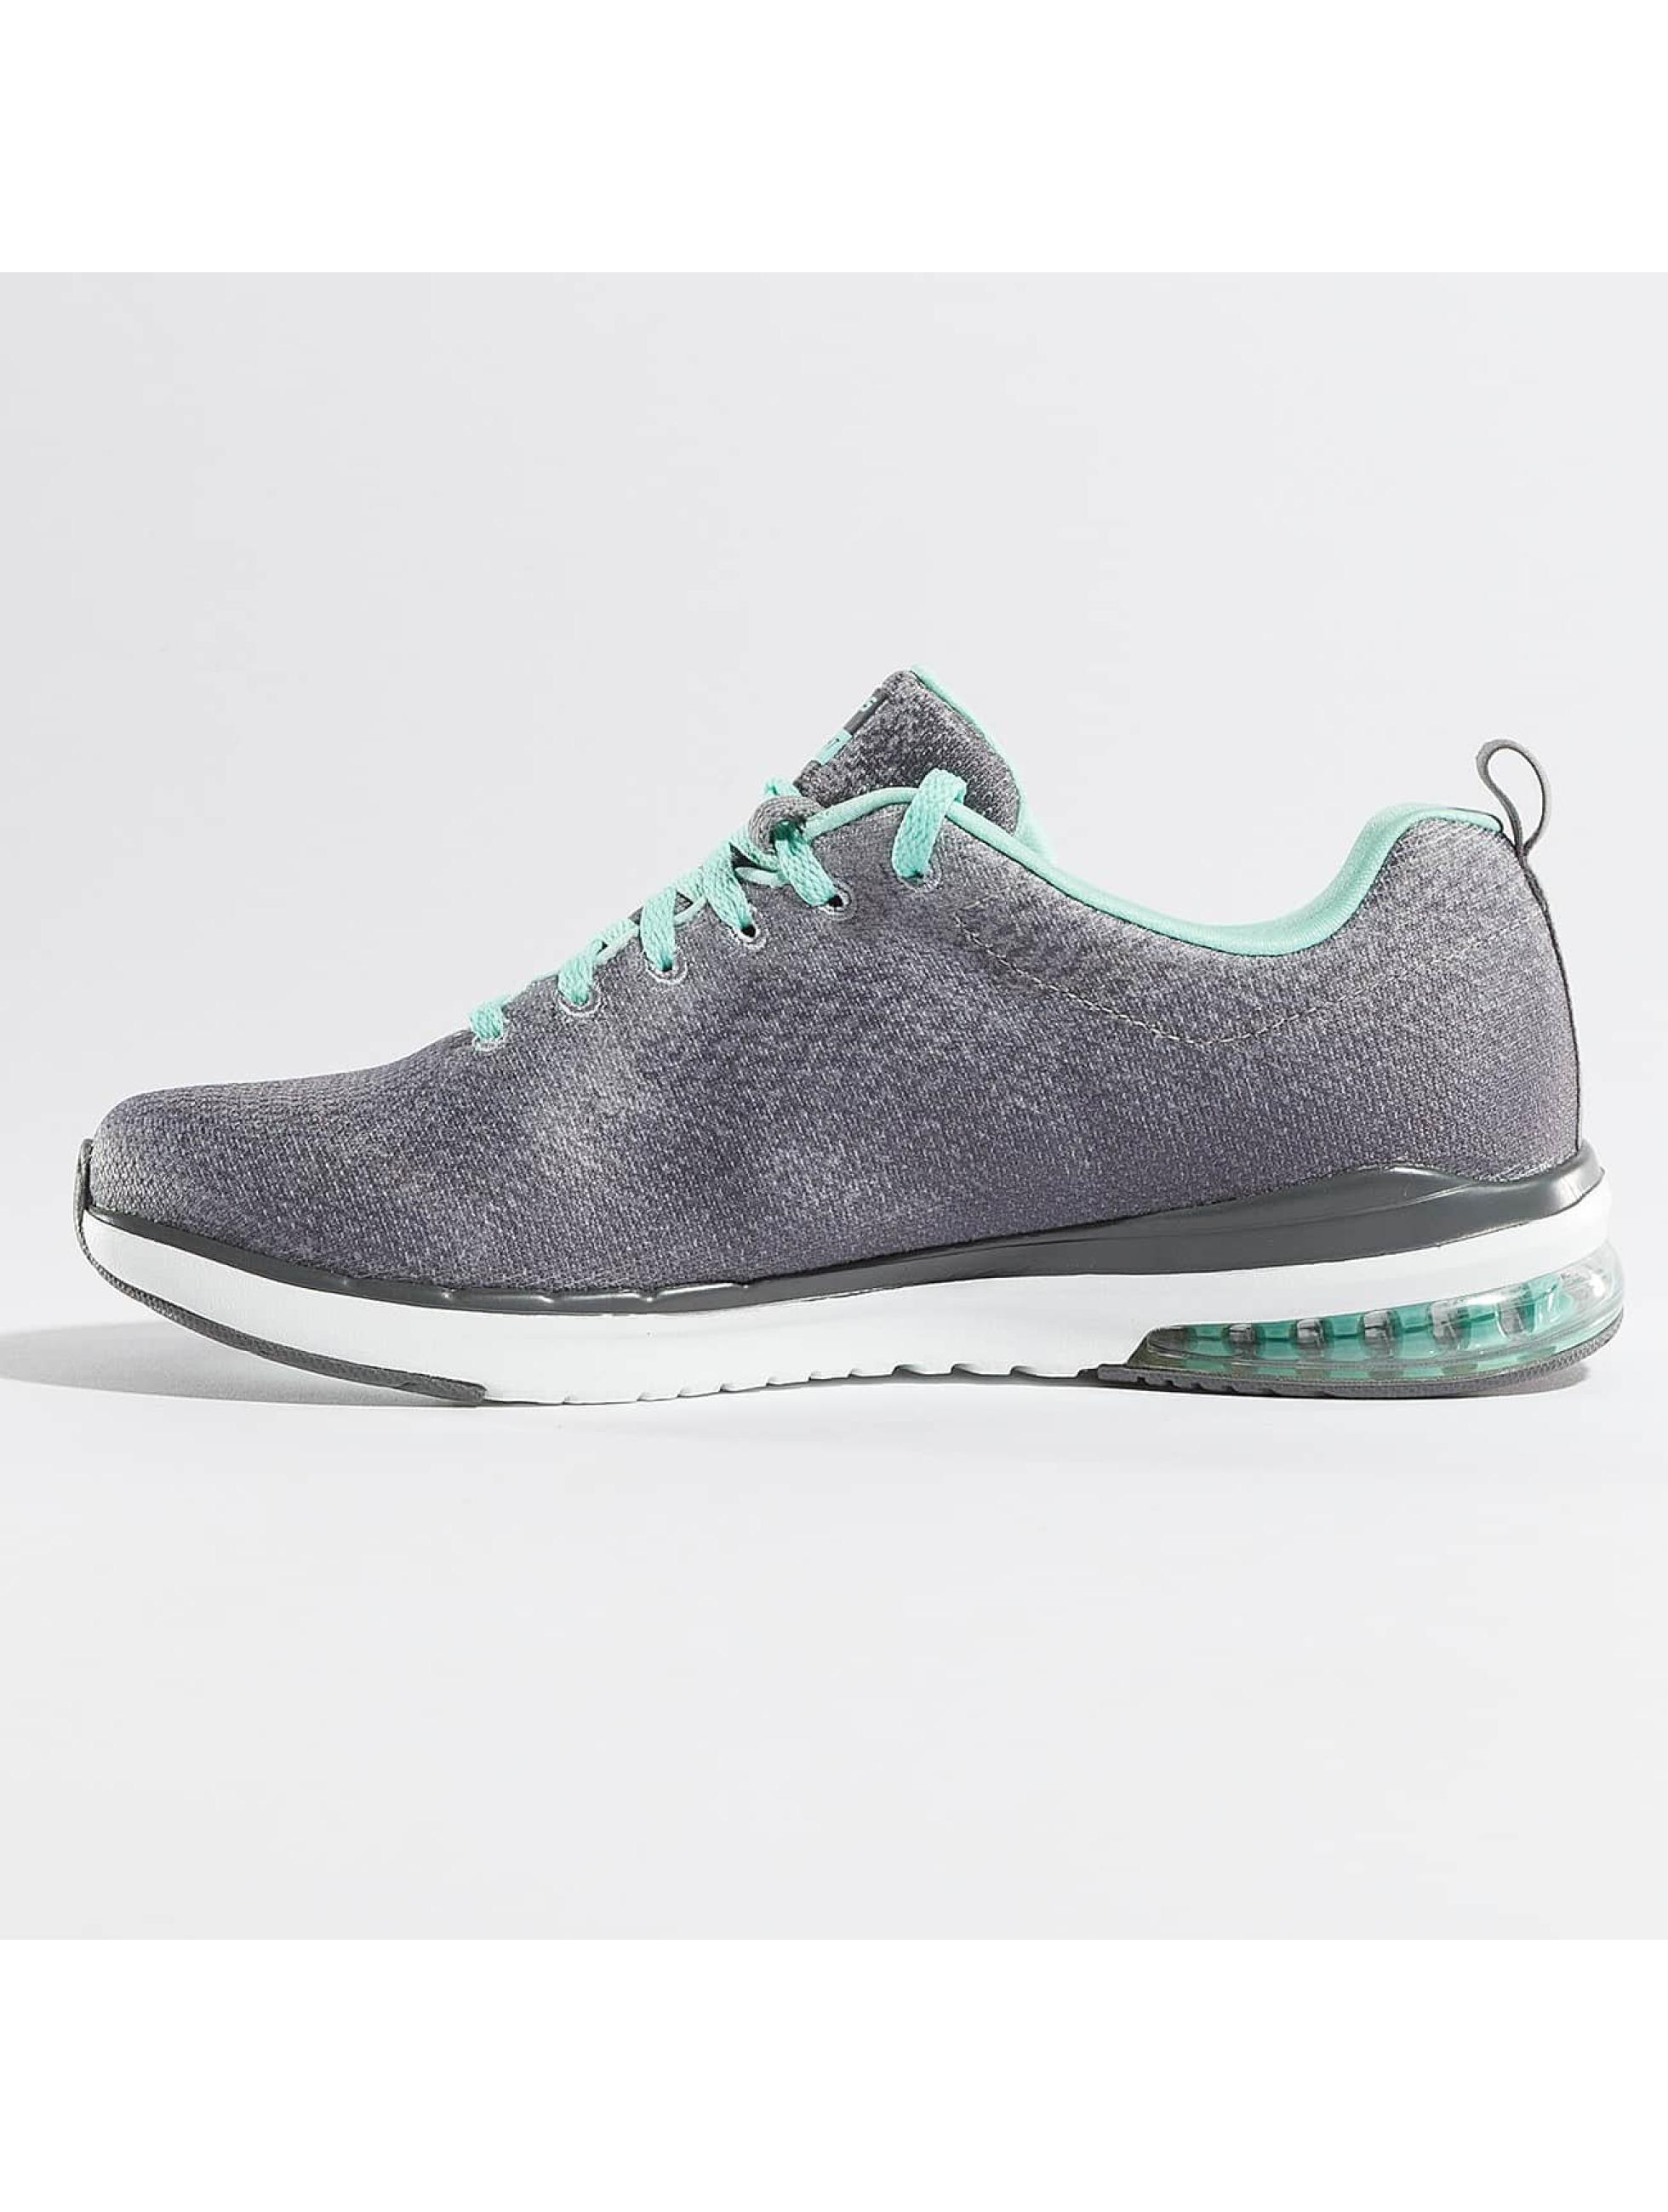 Skechers Sneakers Skech-Air Infinity-Modern Chic grey